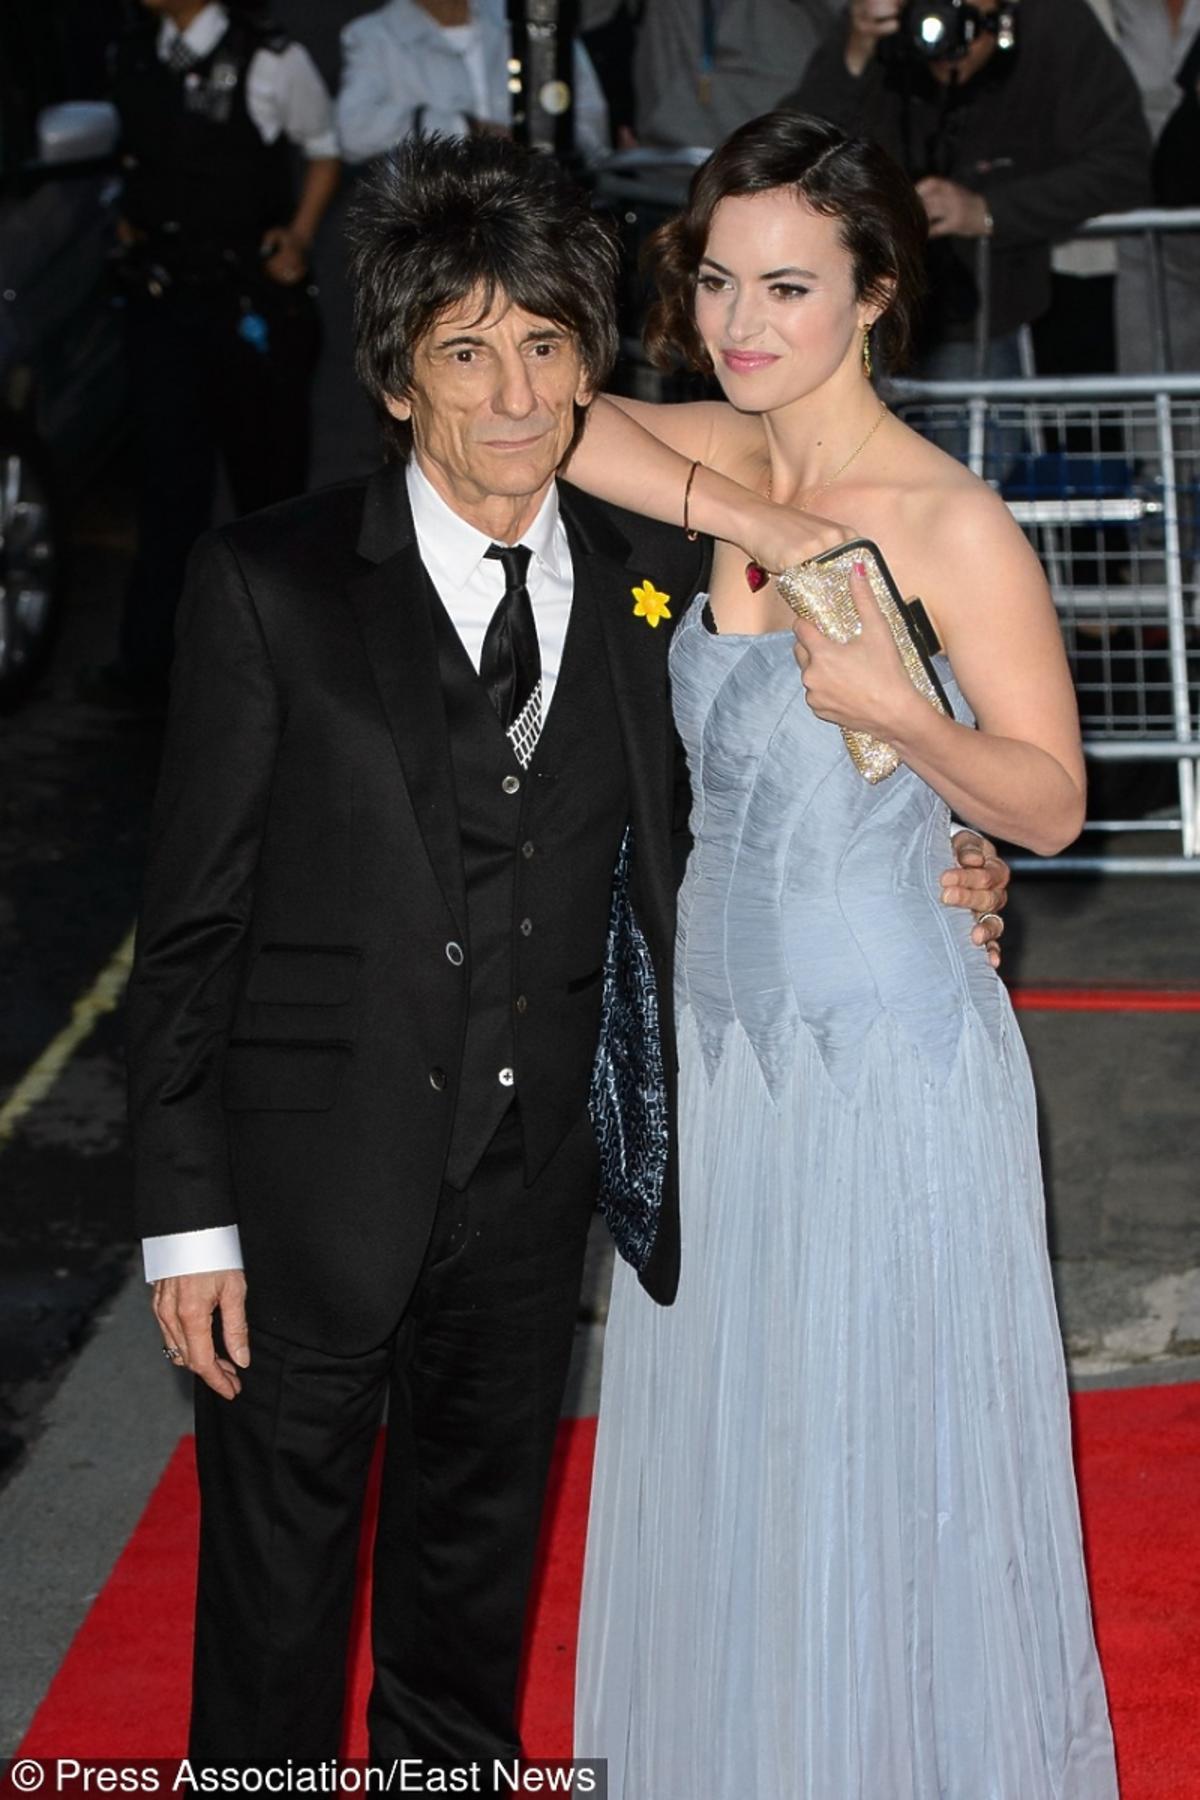 Ronnie Wood w czarnym garniturze i opierająca się o niego Sally Humphreys w niebieskiej sukni